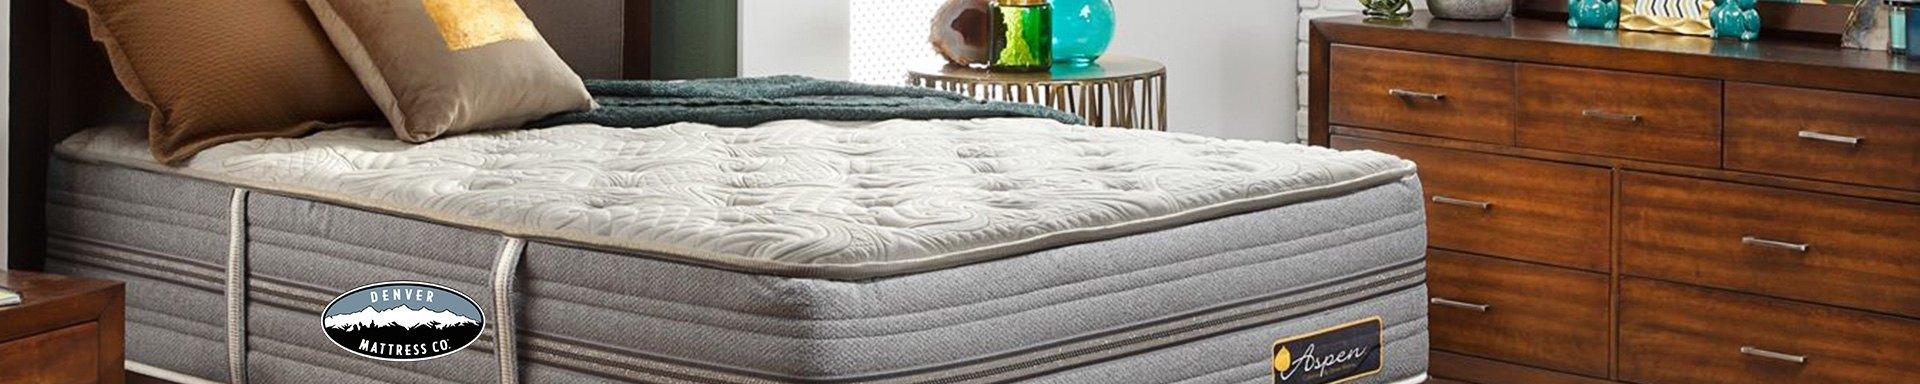 denver mattress - Denver Mattress